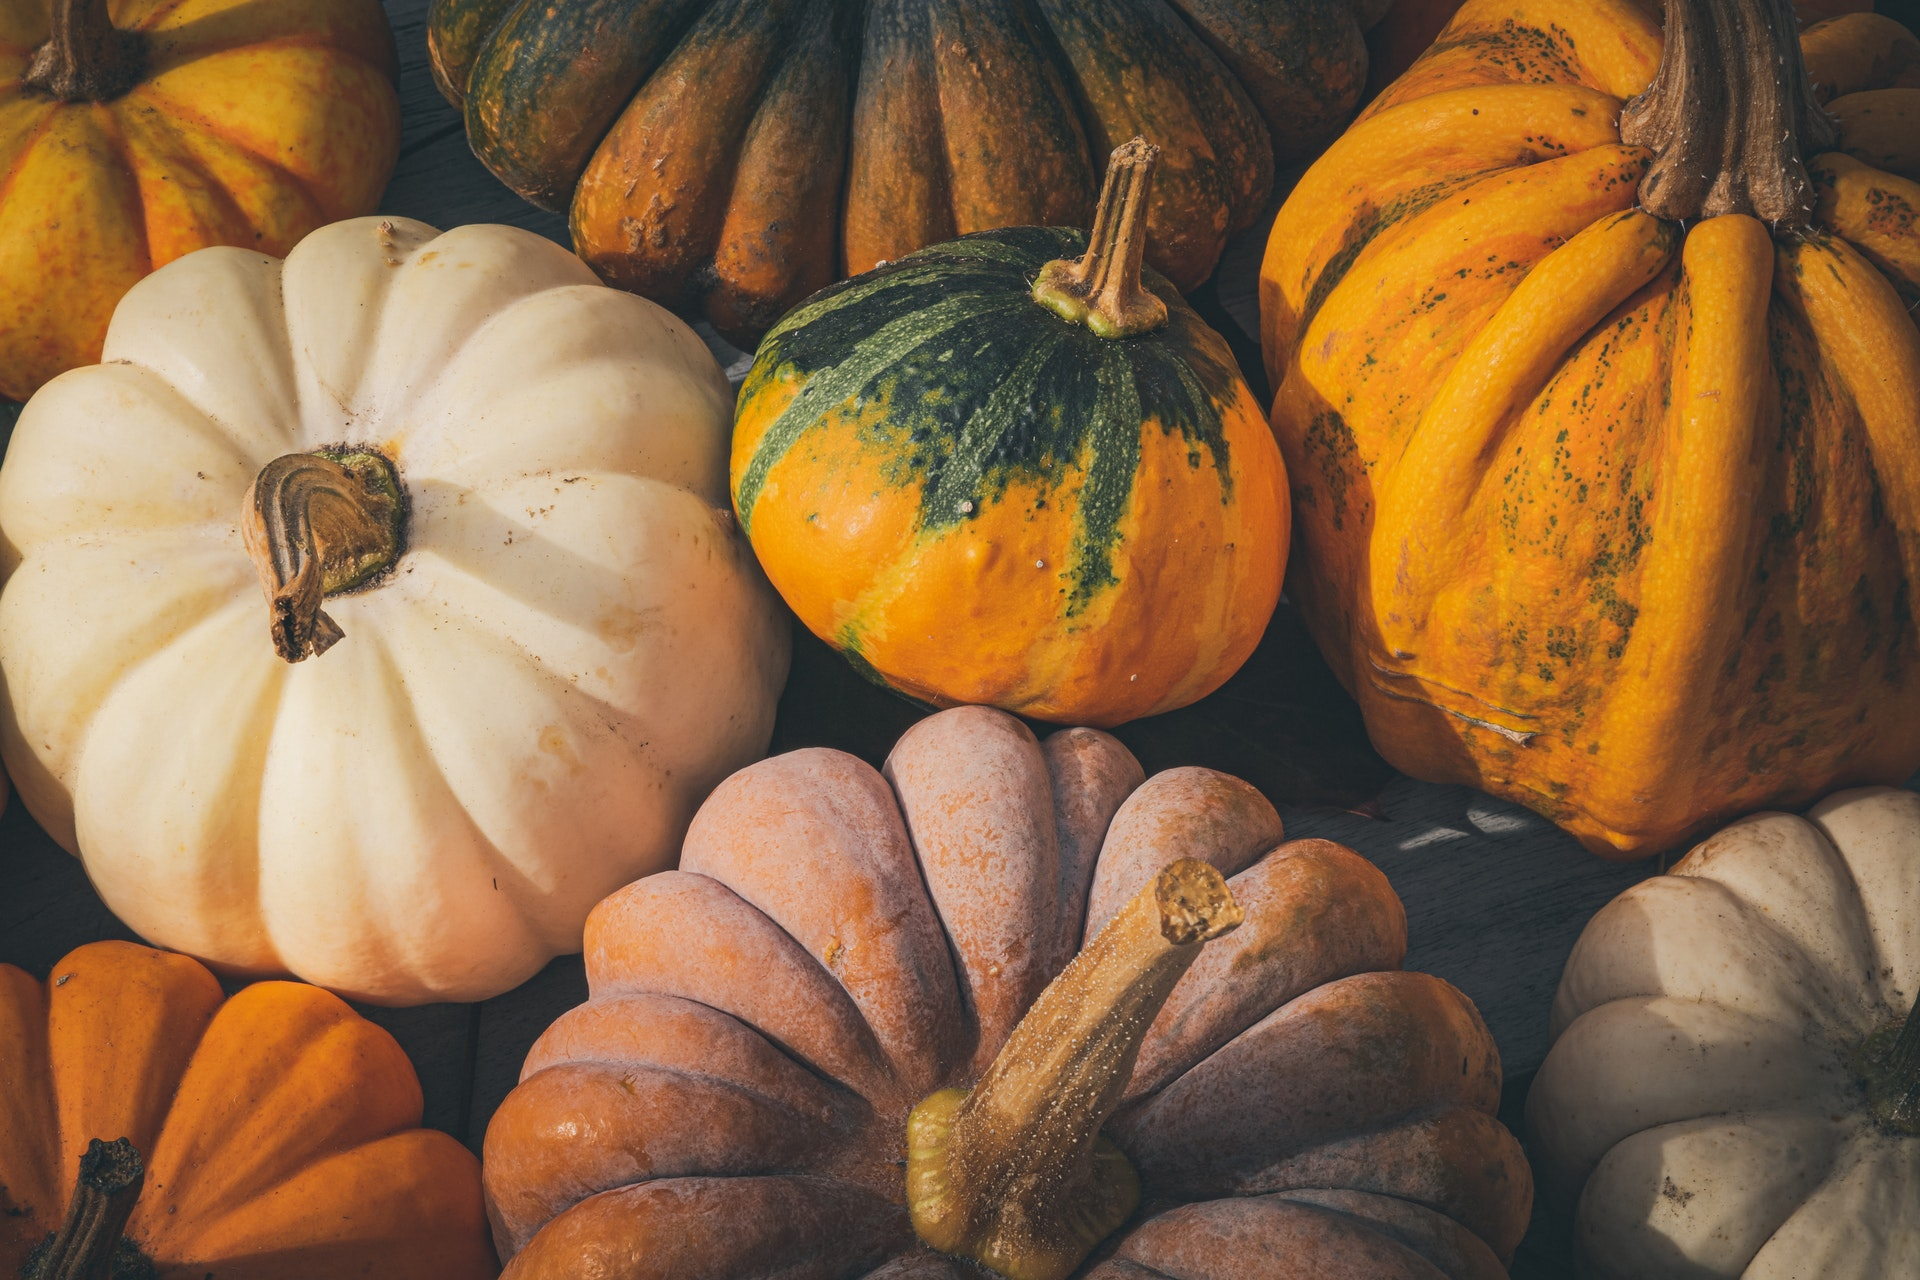 Photo of a Frosty Assortment of Pumpkins